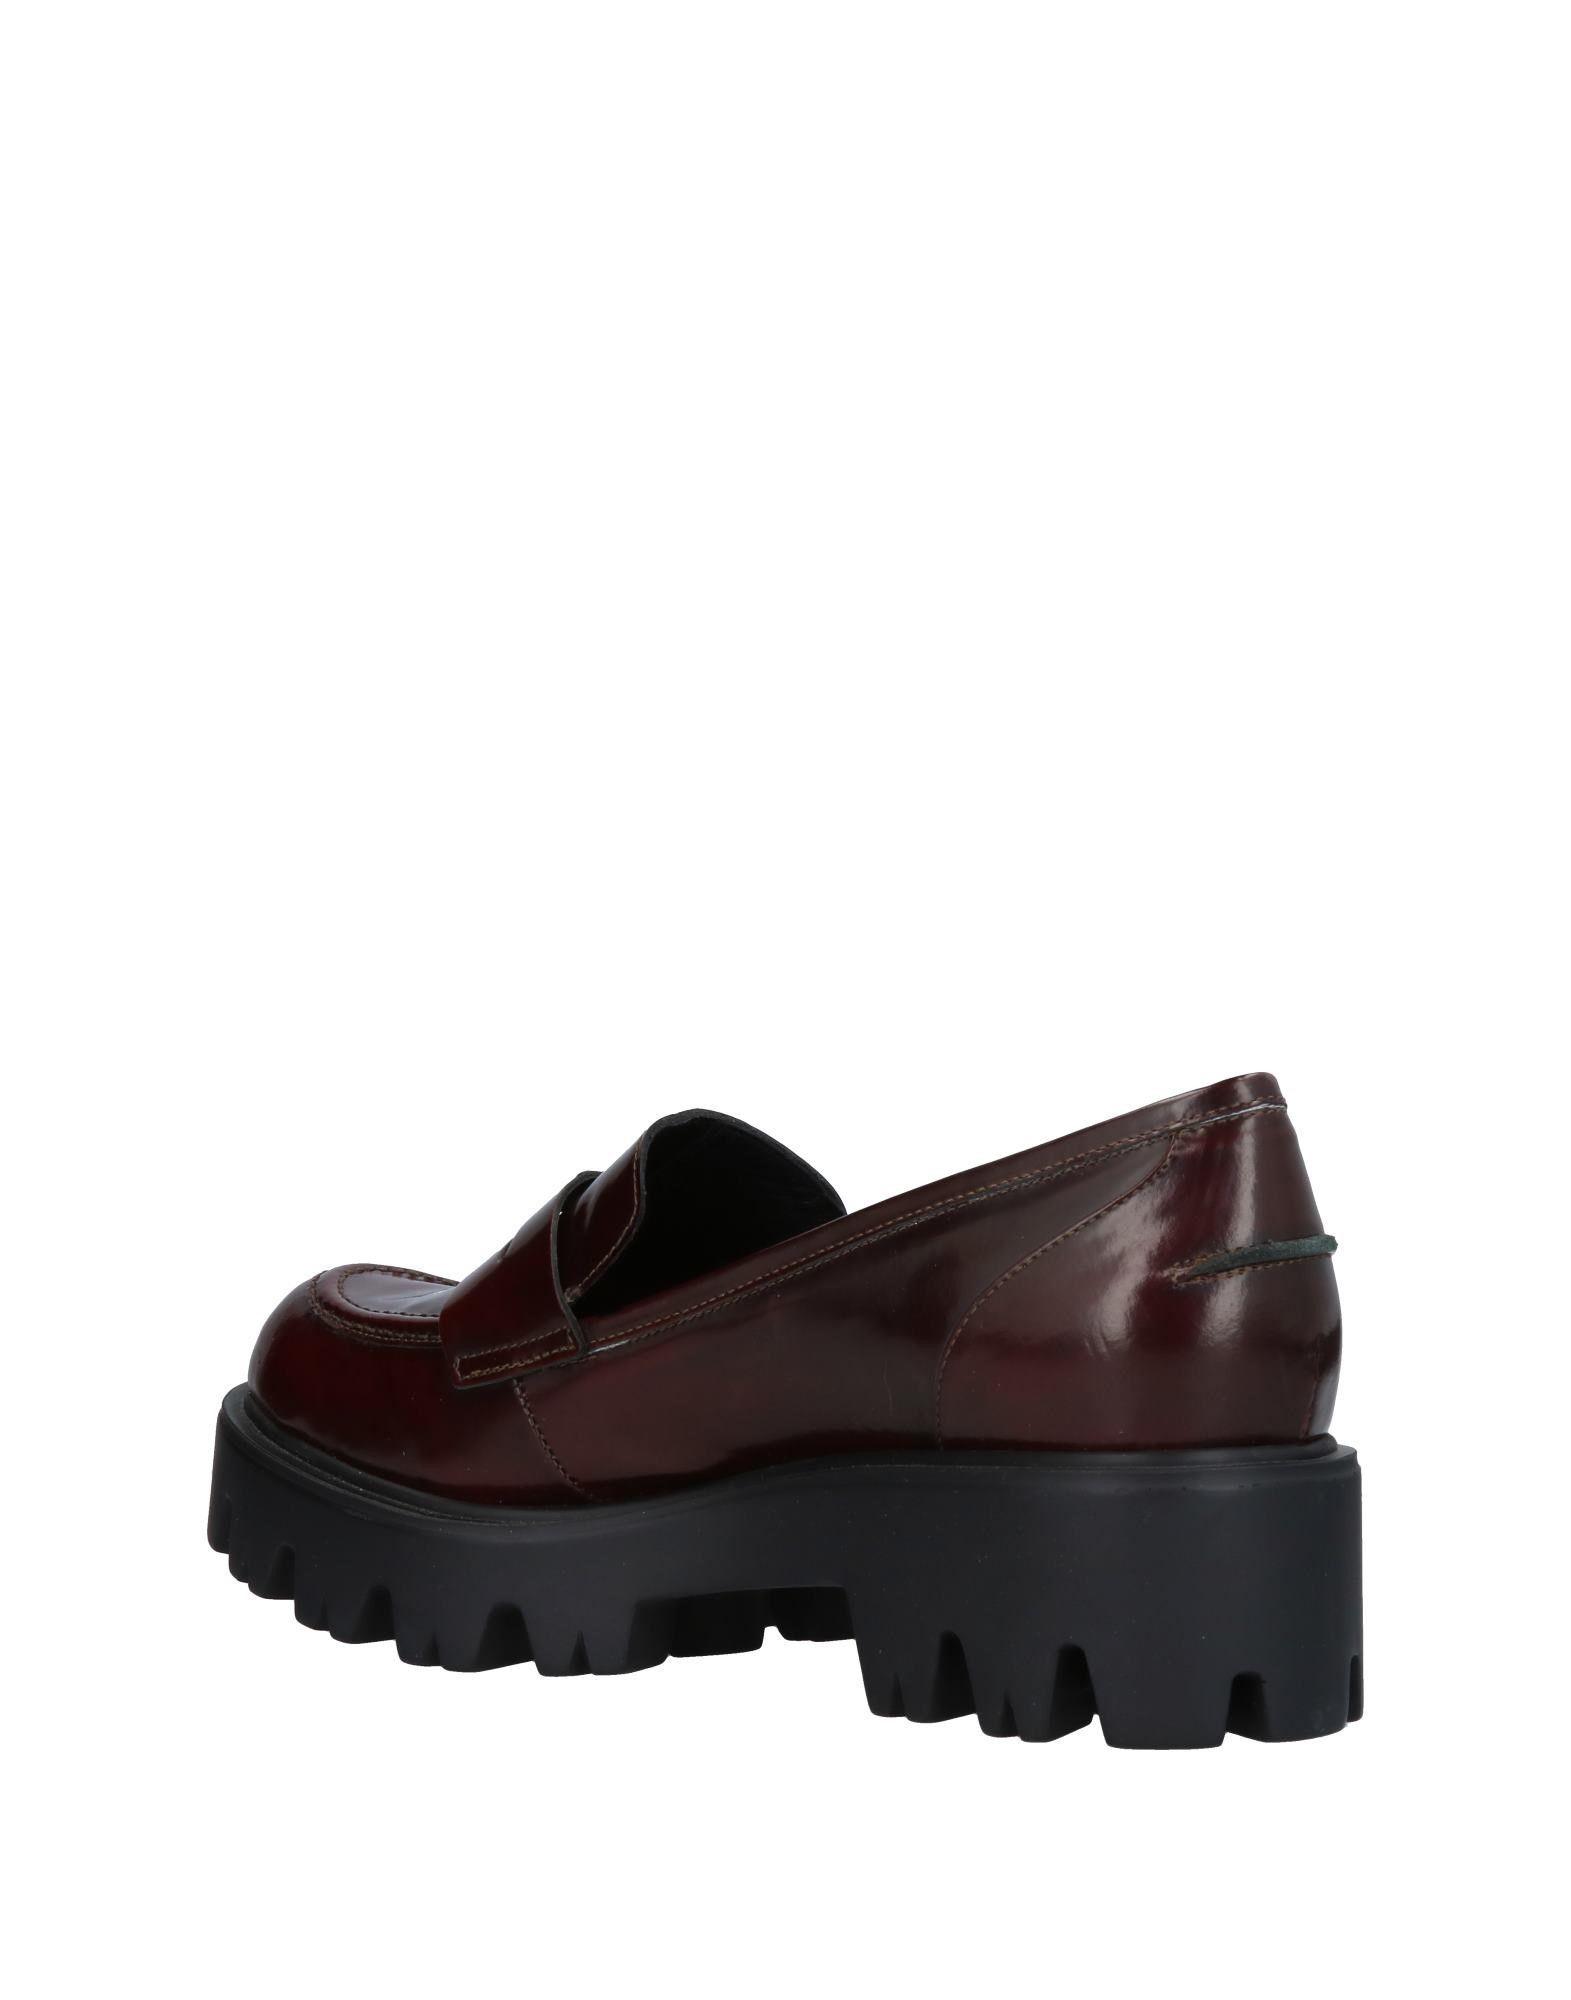 Carrie Latt Mokassins Damen Gute  11411579UN Gute Damen Qualität beliebte Schuhe aa67f9